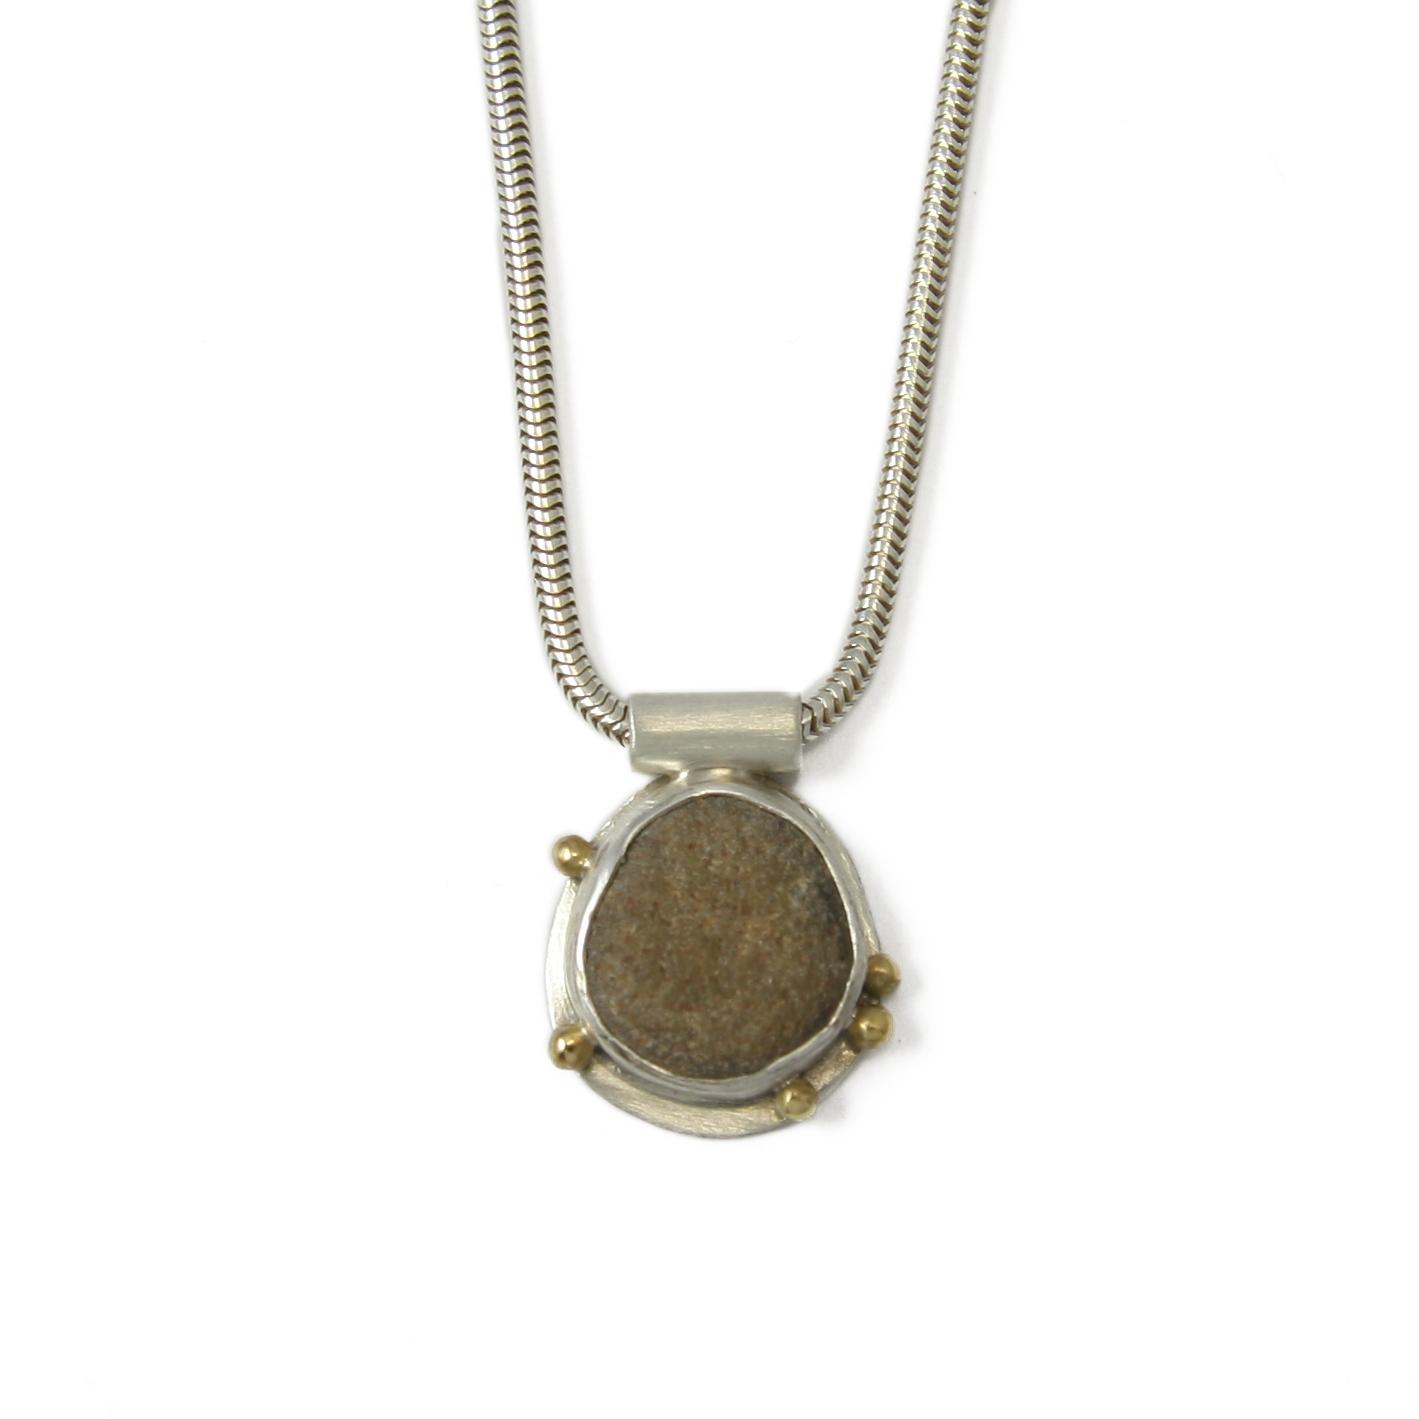 JN brown stone granuals pend EDITED.jpg